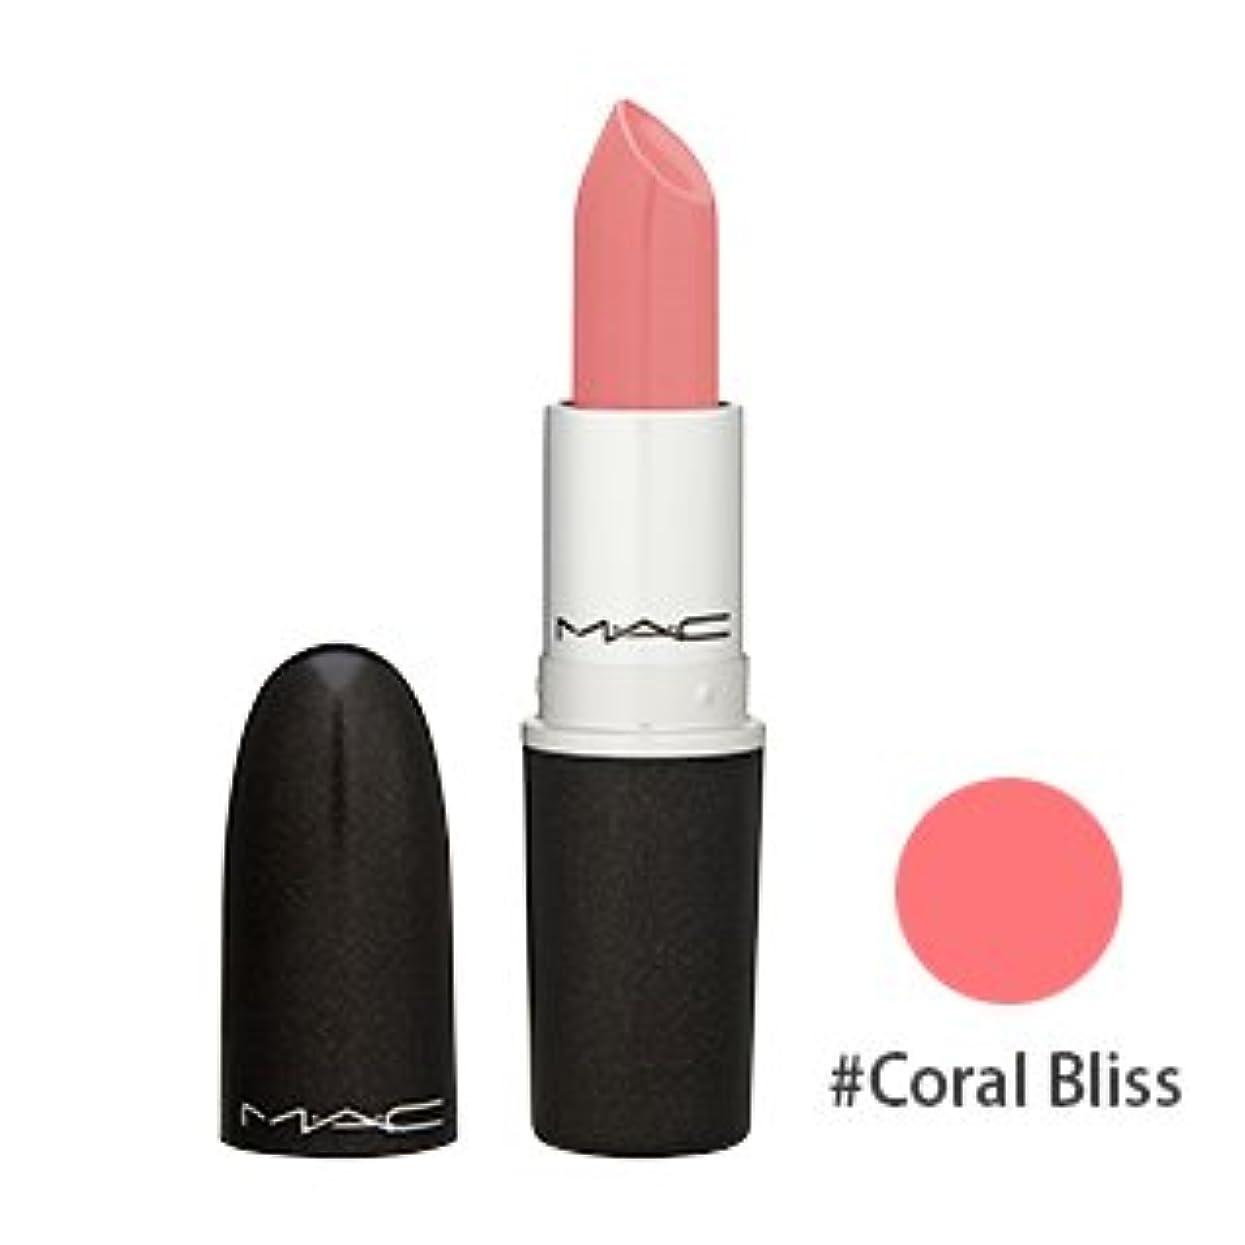 デンマーク修正する成長するマック(M?A?C(MAC)) リップスティック #Coral Bliss(コーラルピンク)[クリームシーン] 3g [海外直送品] [並行輸入品]